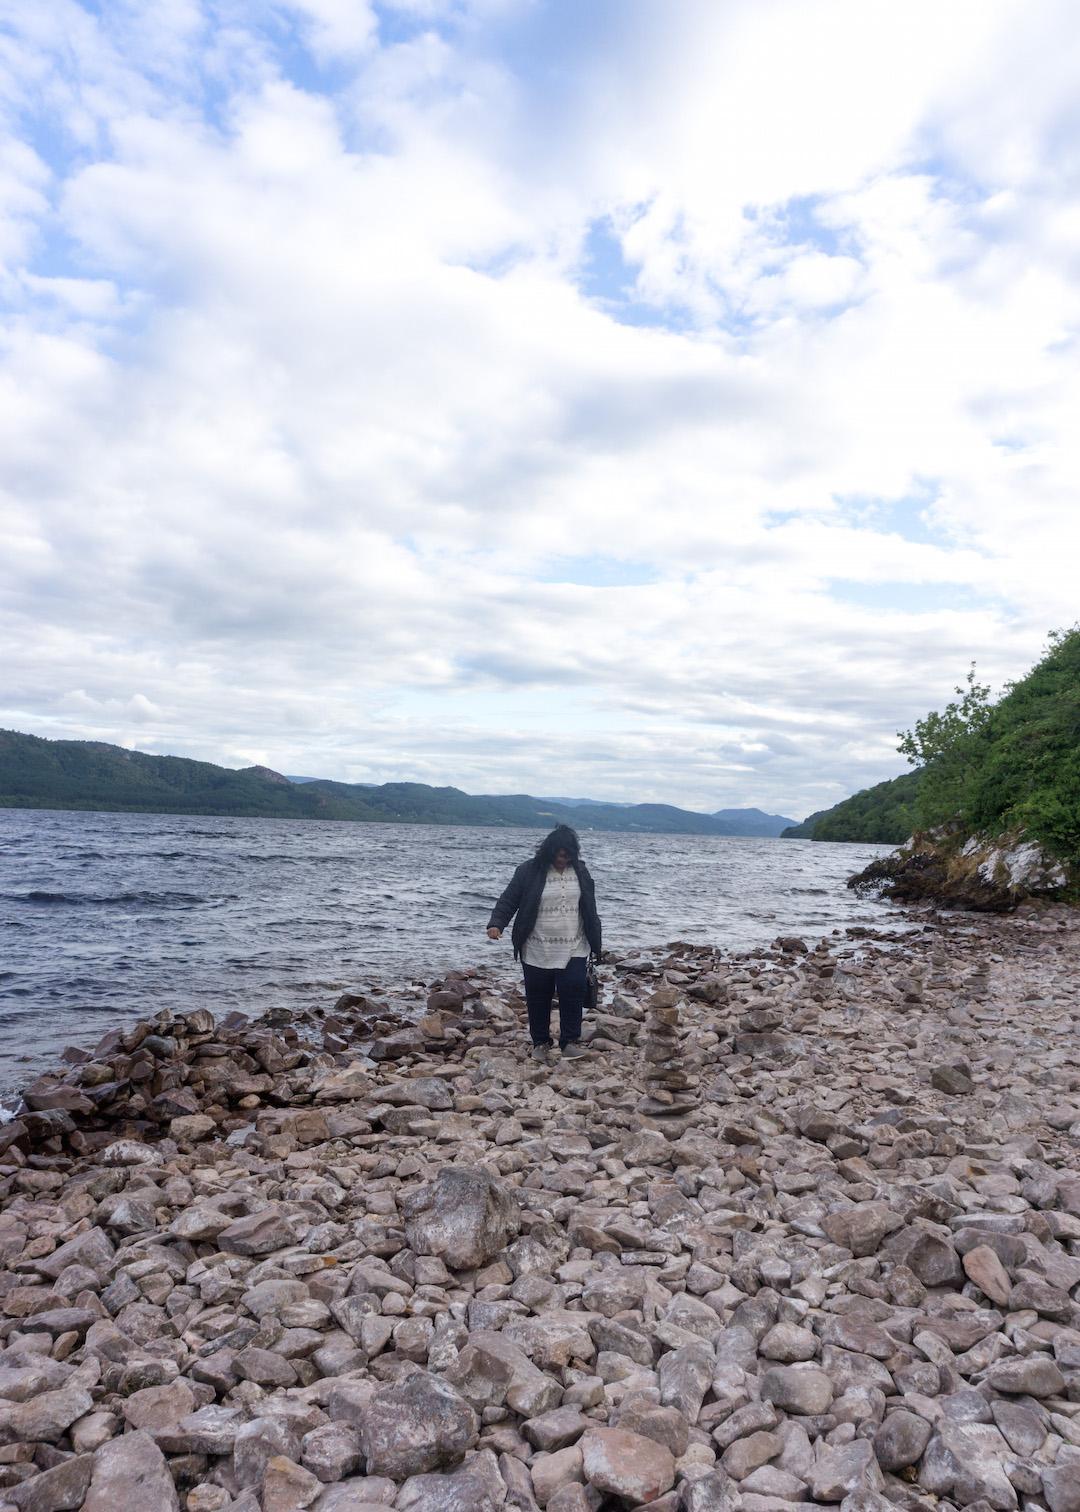 Banks of Loch Ness